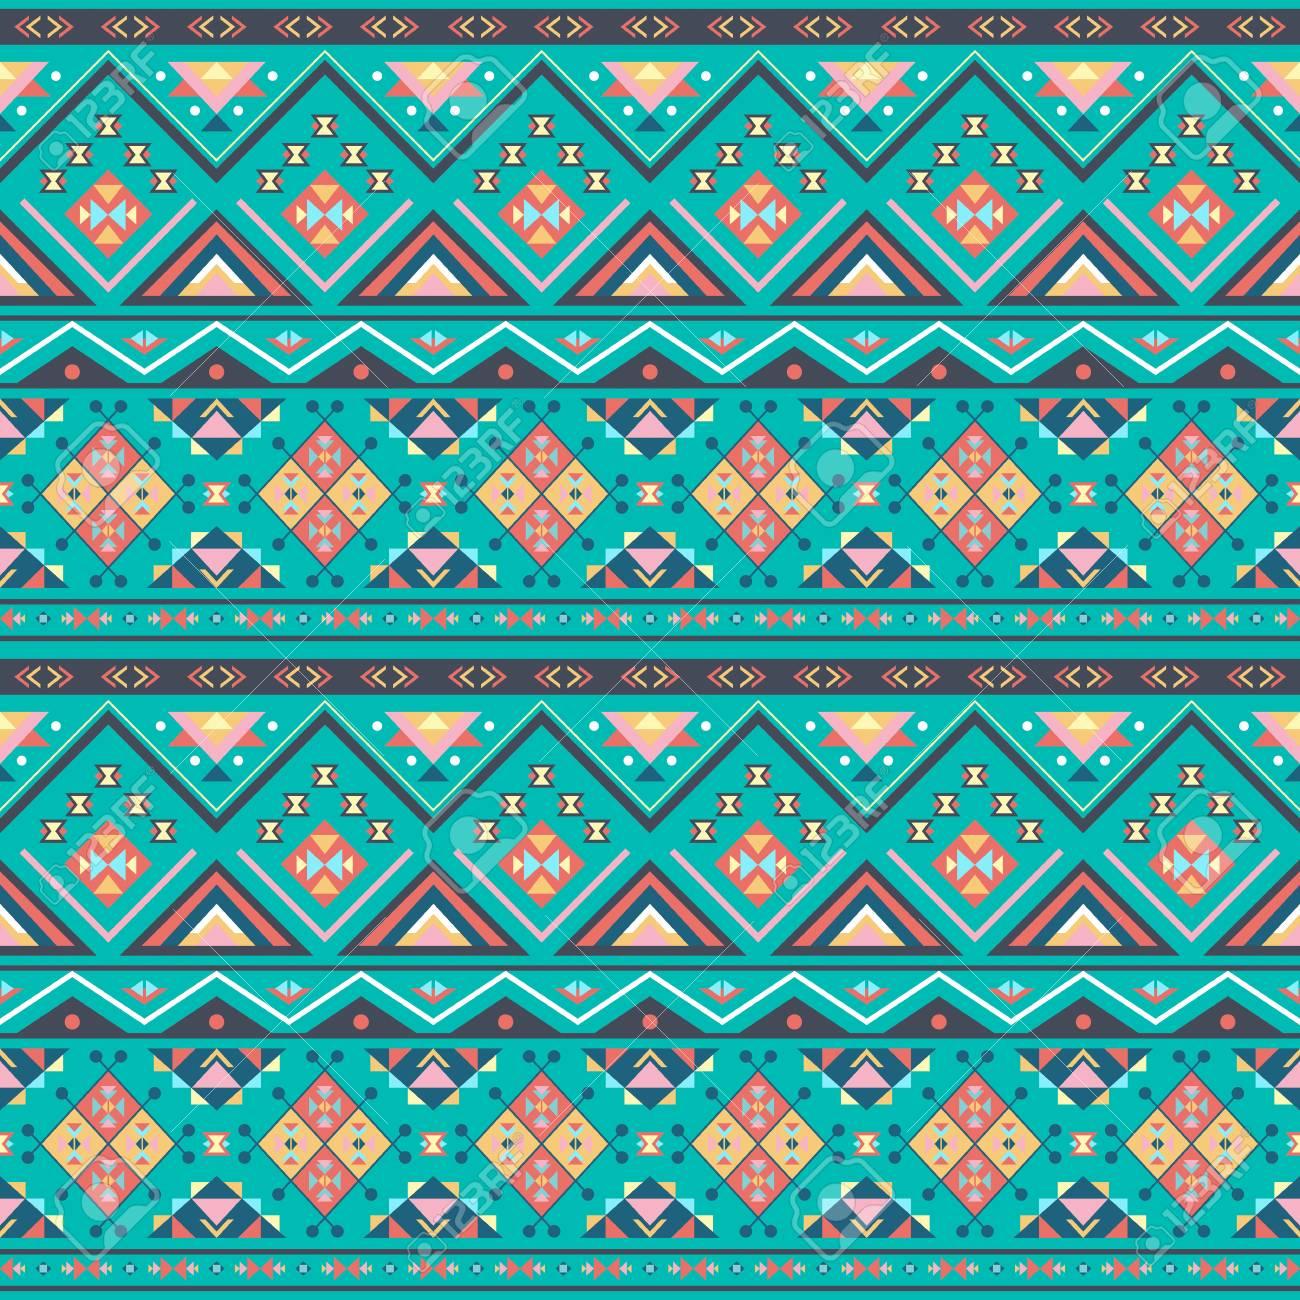 Bonito Patrón De Crochet Ondulación Bandera - Manta de Tejer Patrón ...